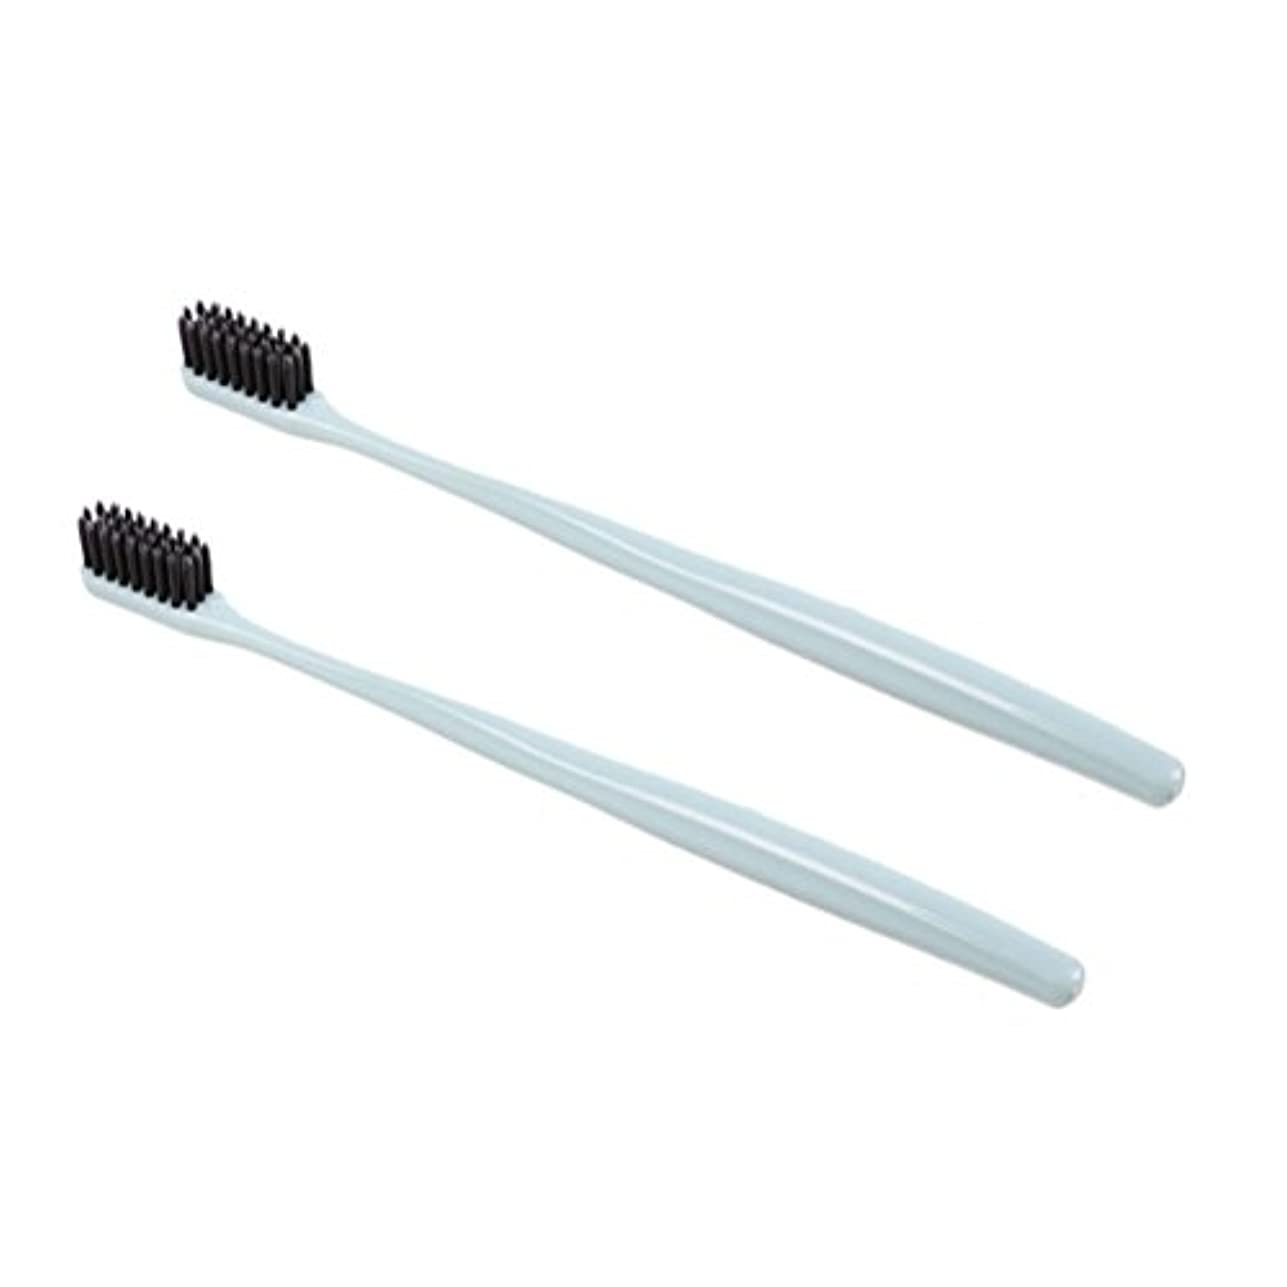 調停する見落とすシルクTOPBATHY 子供と大人のための2本の柔らかい歯ブラシ天然竹炭歯ブラシ小さなヘッド歯ブラシ(グリーン)